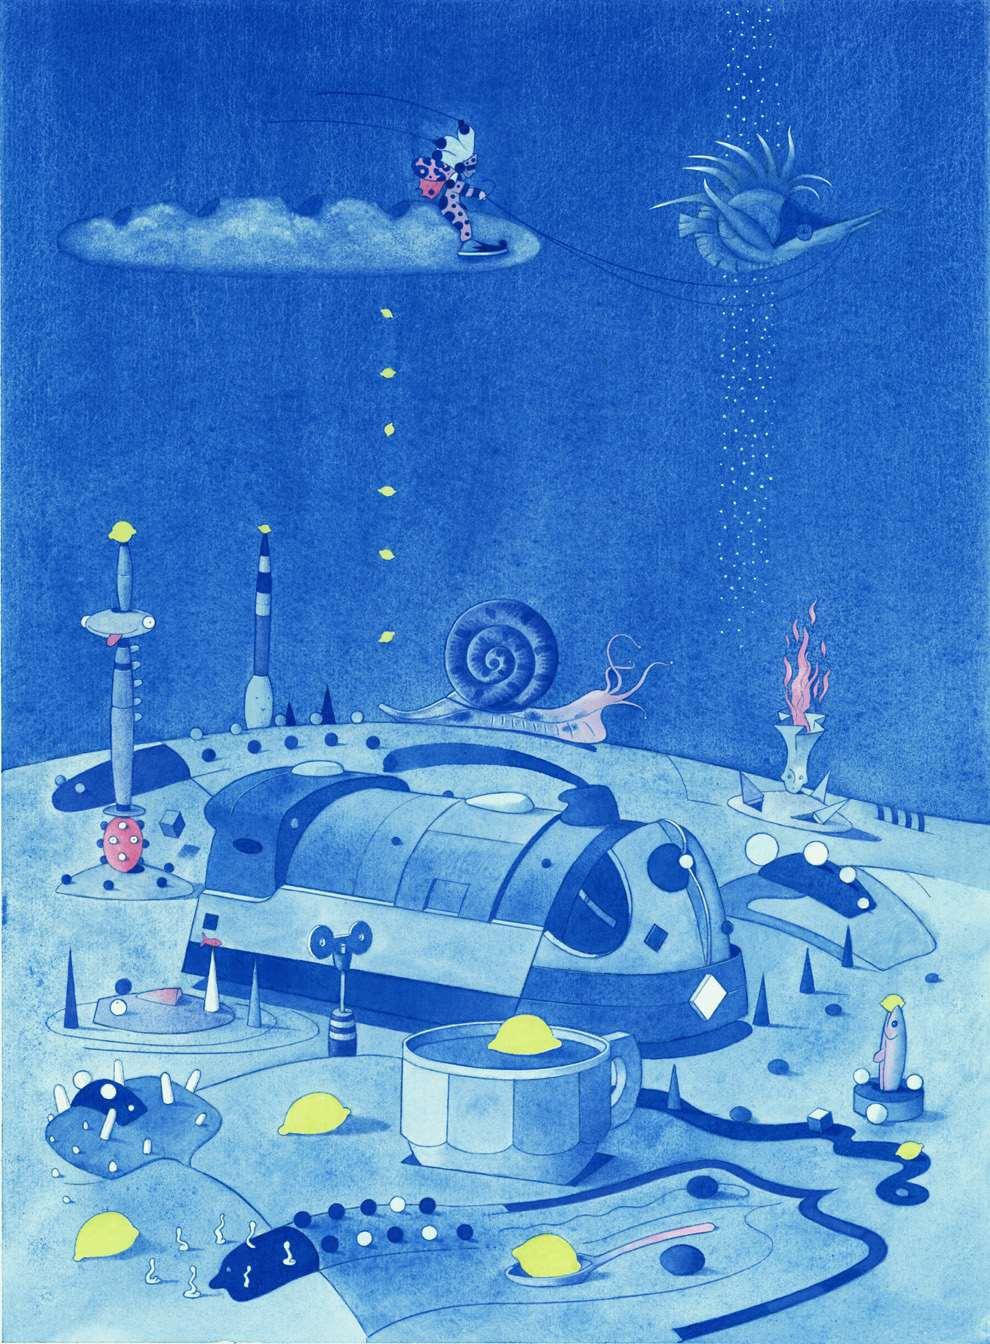 Chris McEwan, Surreal underwater scenery